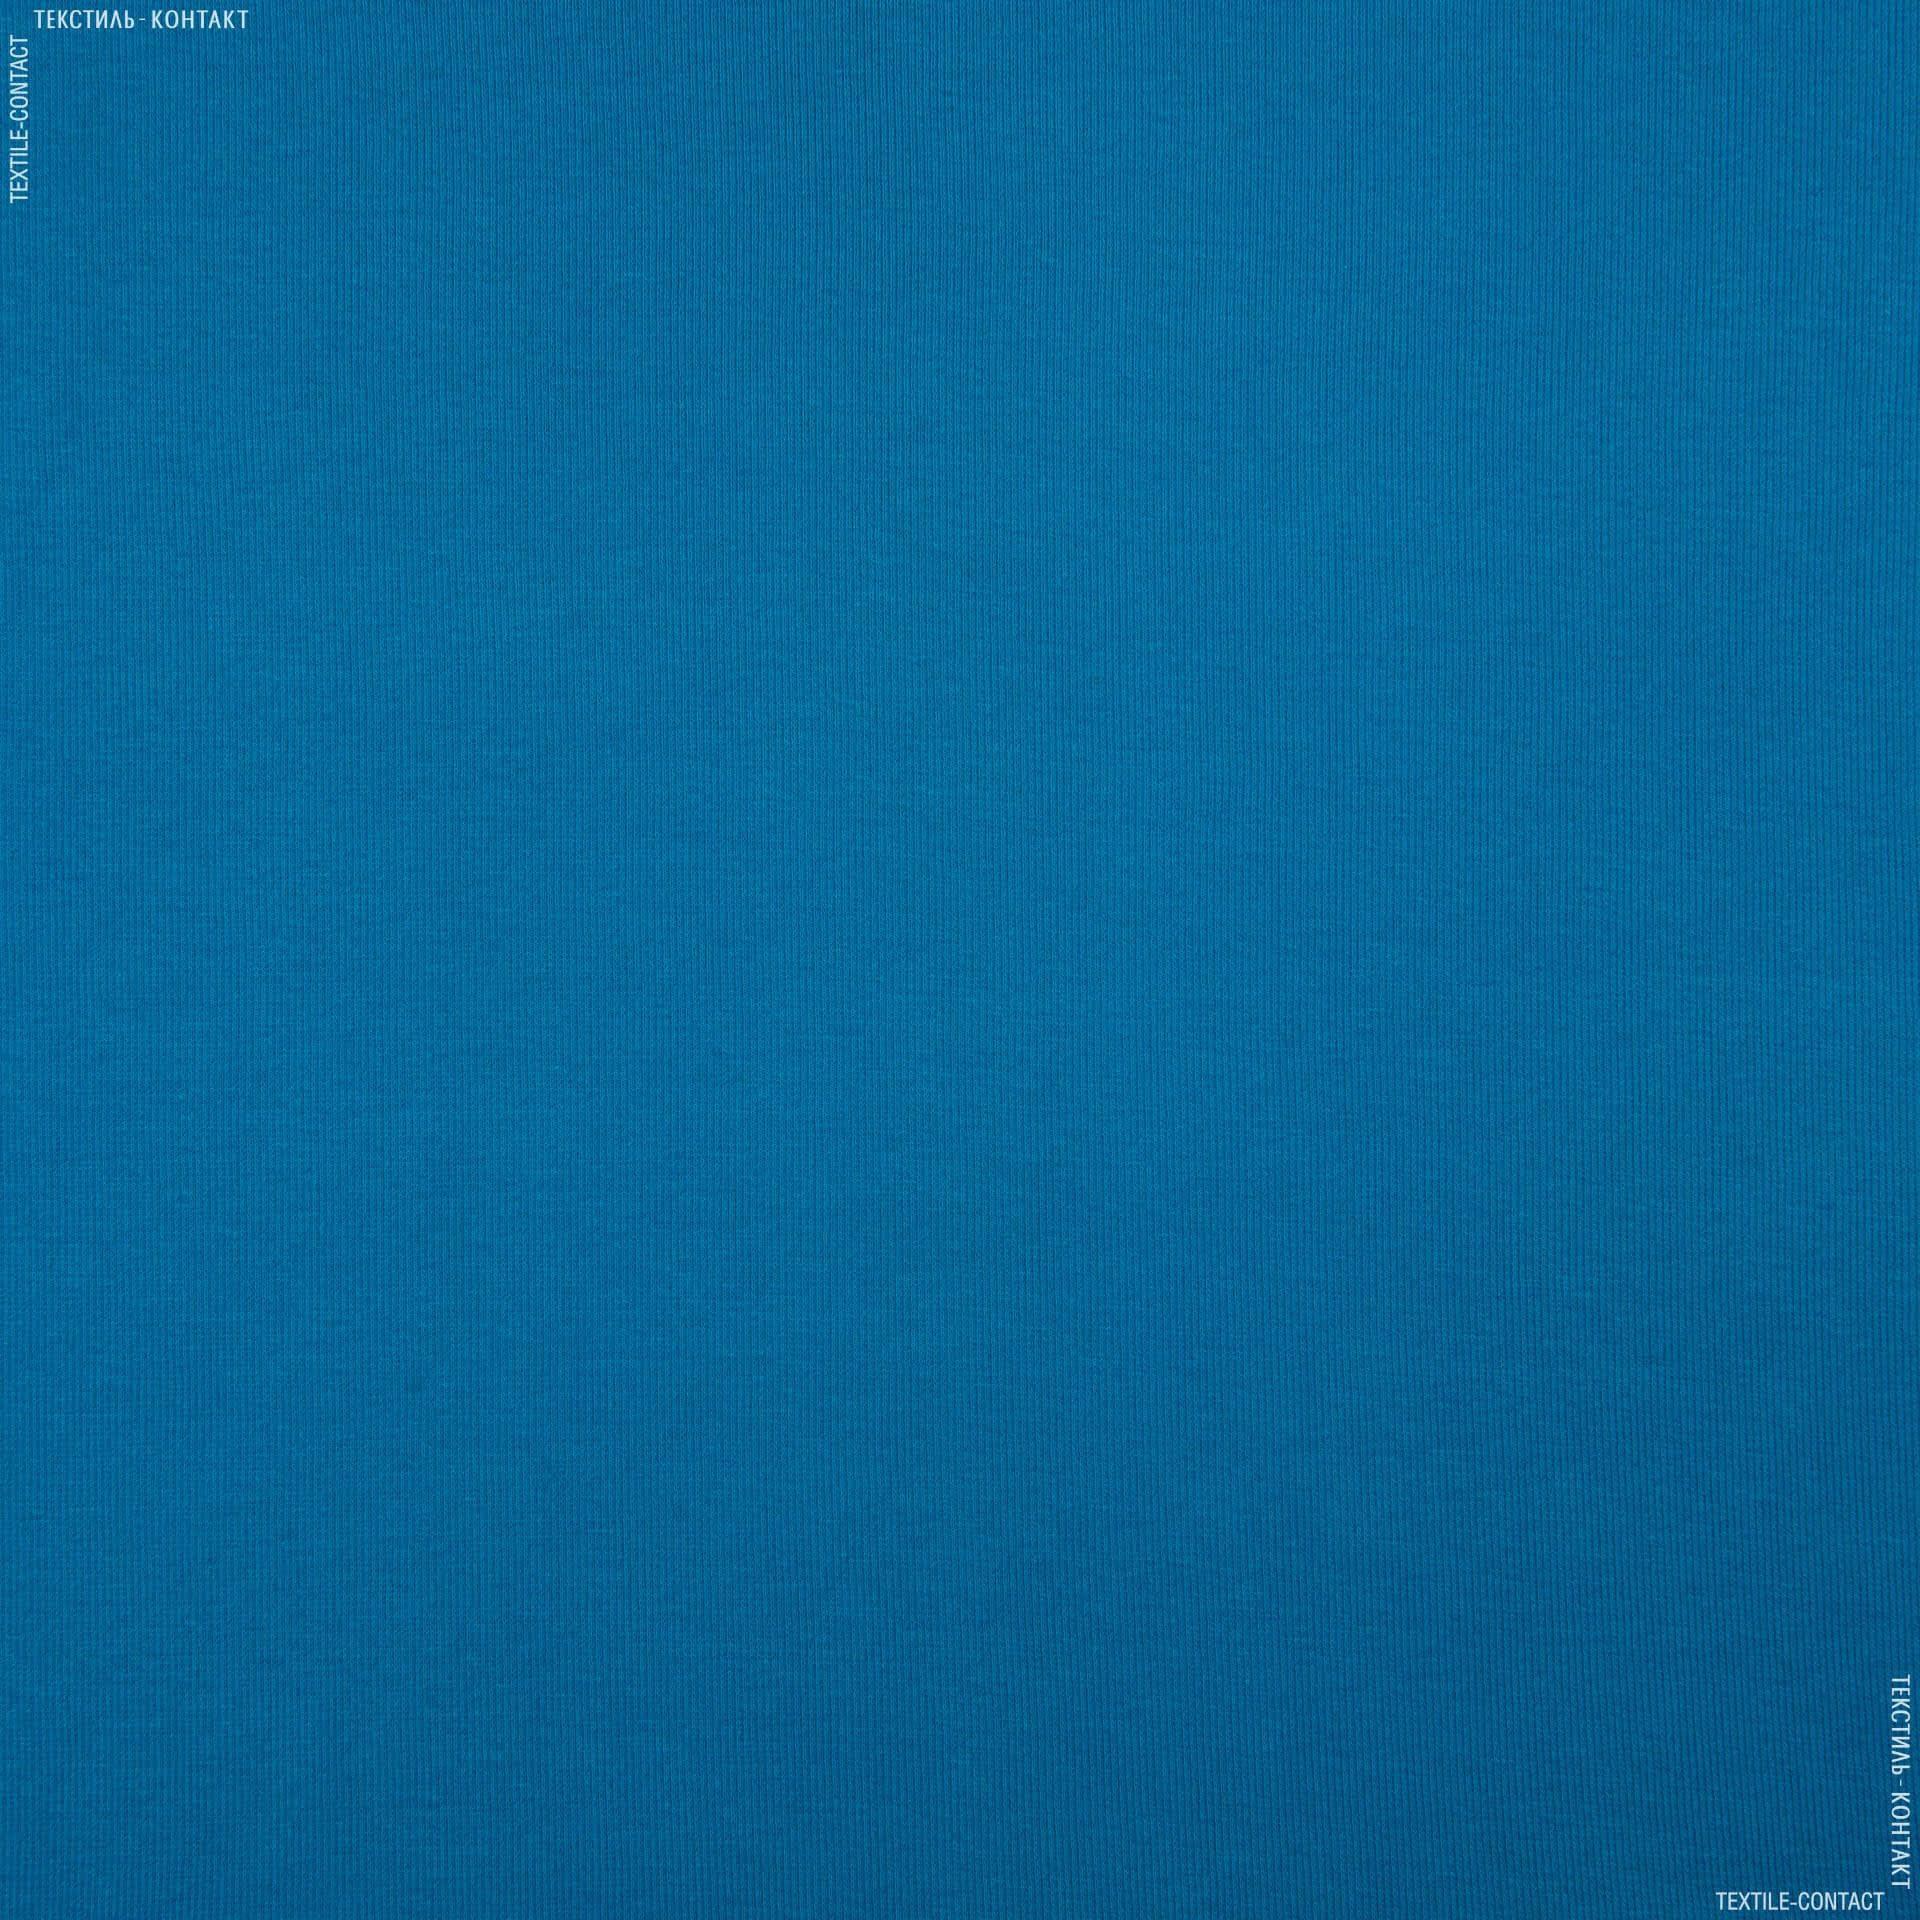 Ткани для спортивной одежды - Кашкорсе пенье 55см х 2 бирюзовый